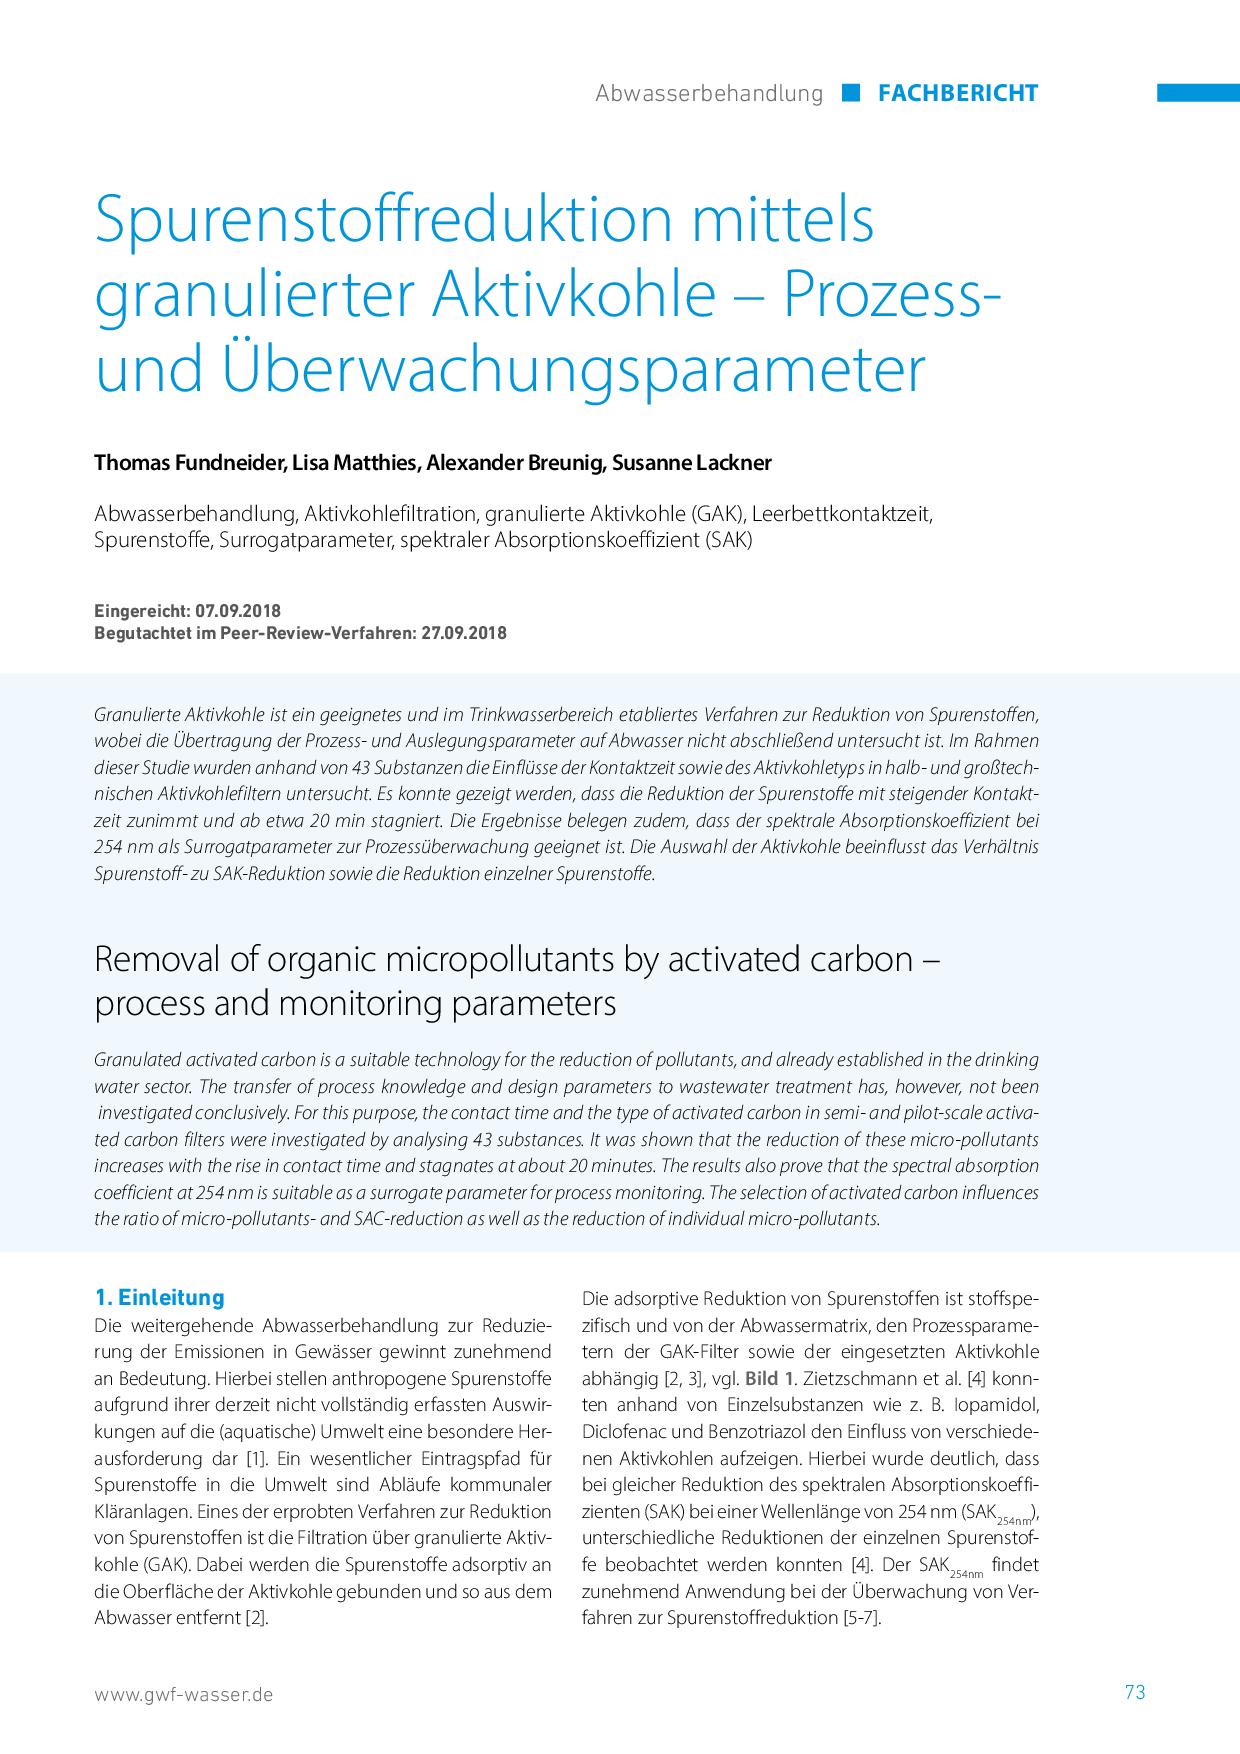 Spurenstoffreduktion mittels granulierter Aktivkohle – Prozess- und Überwachungsparameter